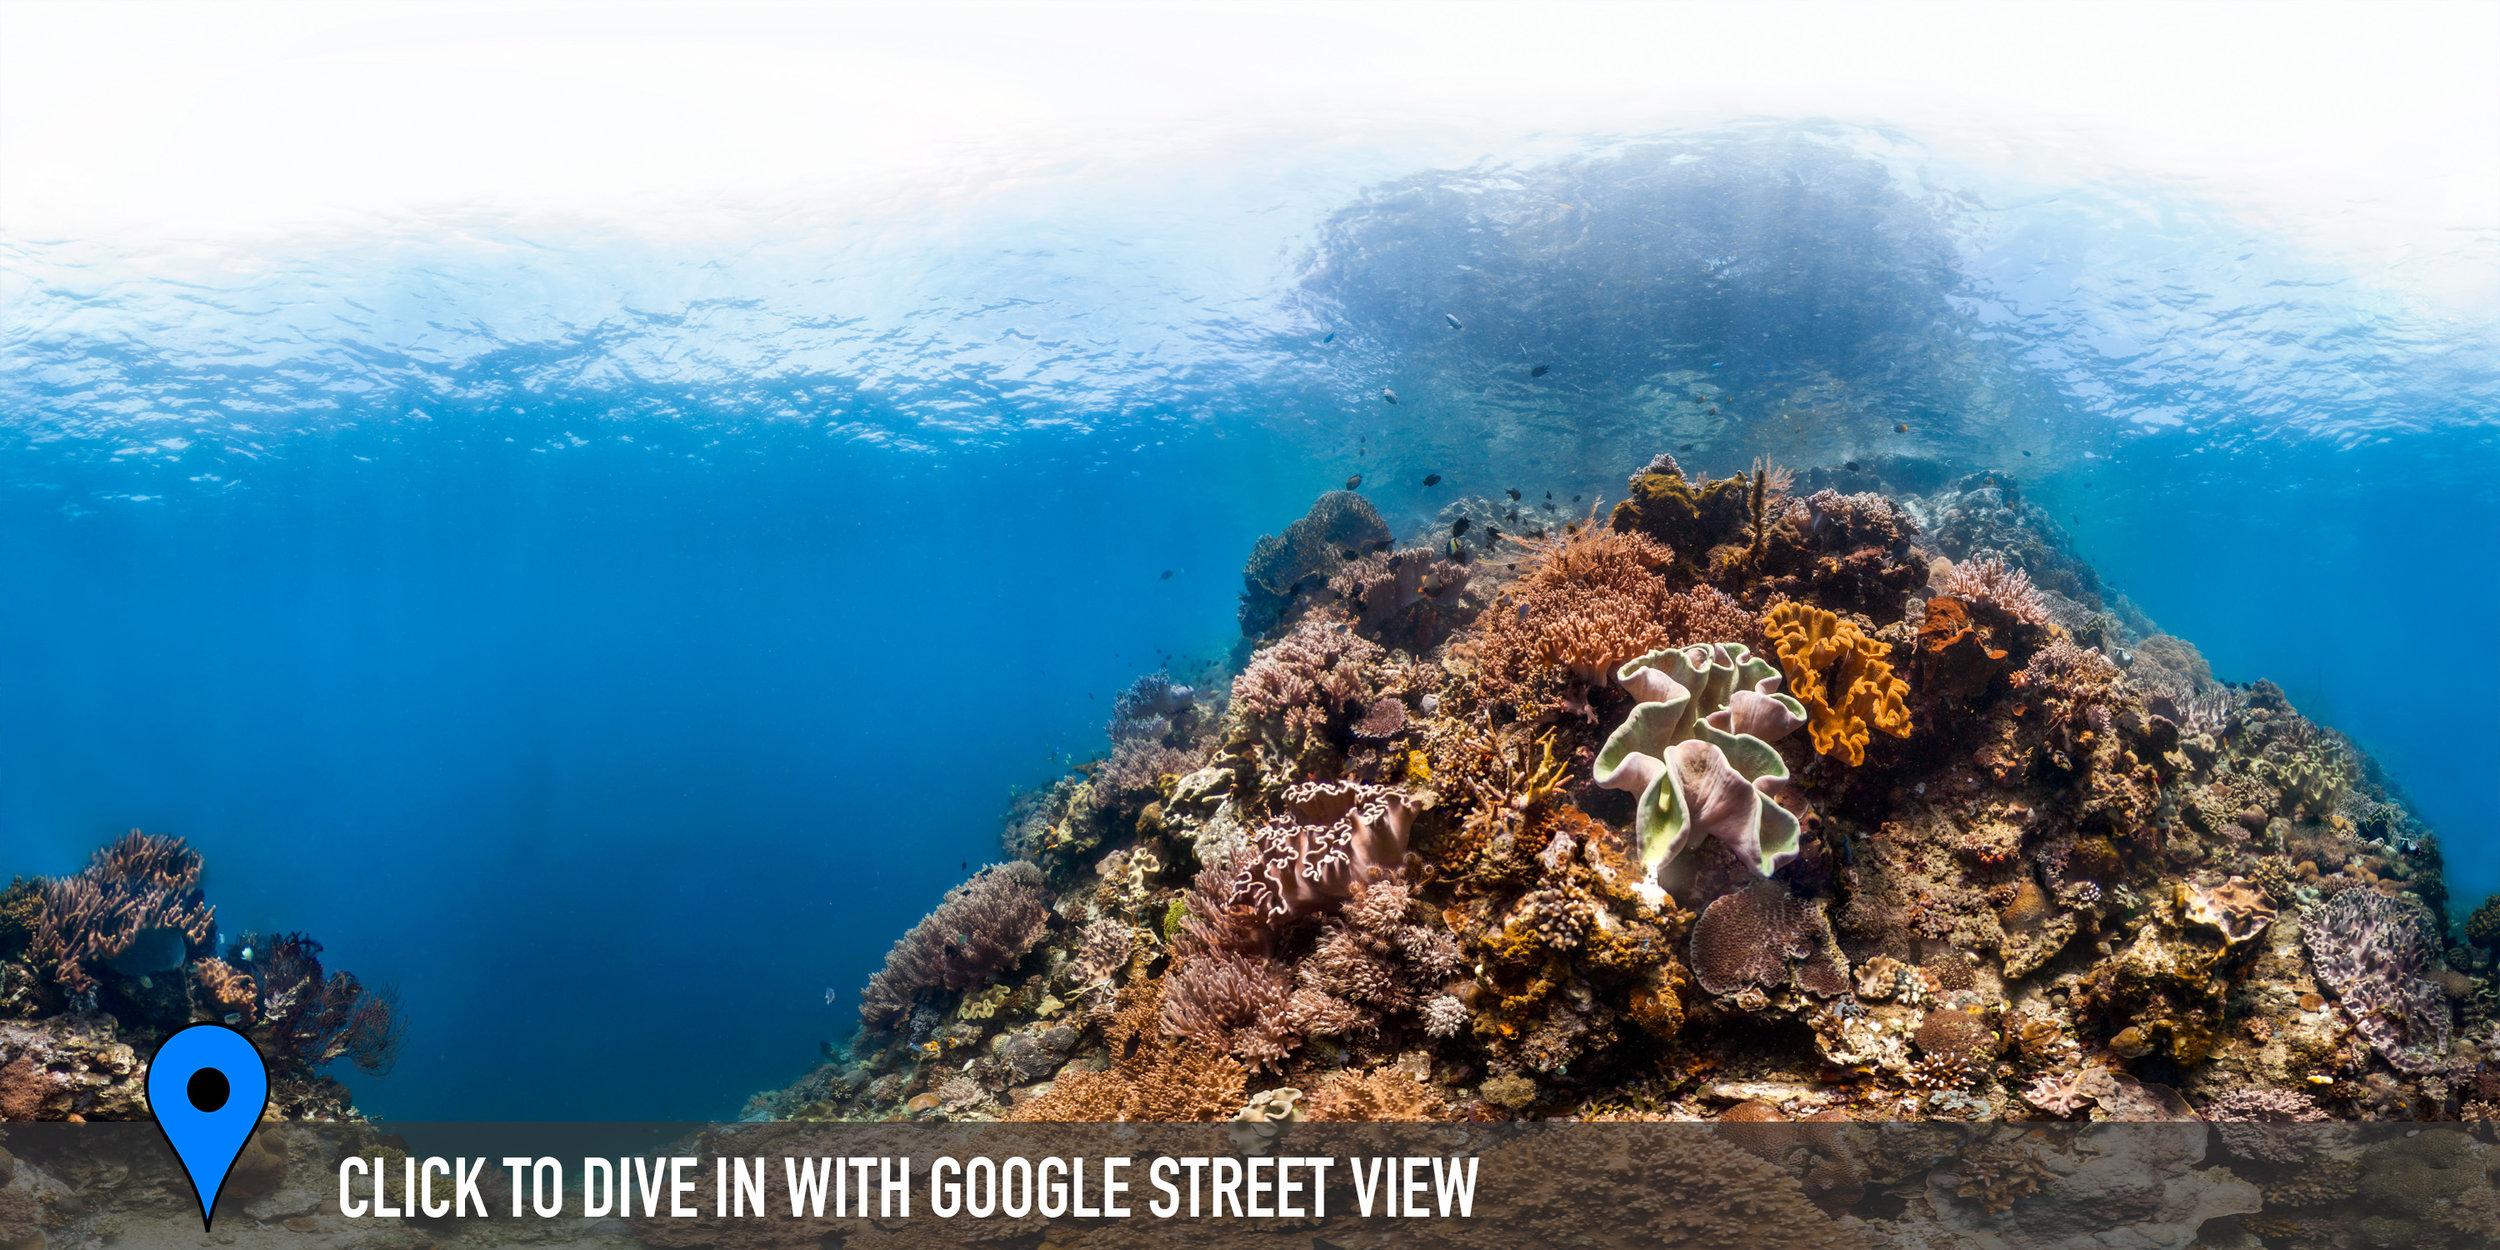 MANADO, INDONESIA CREDIT: THE OCEAN AGENCY / XL CATLIN SEAVIEW SURVEY